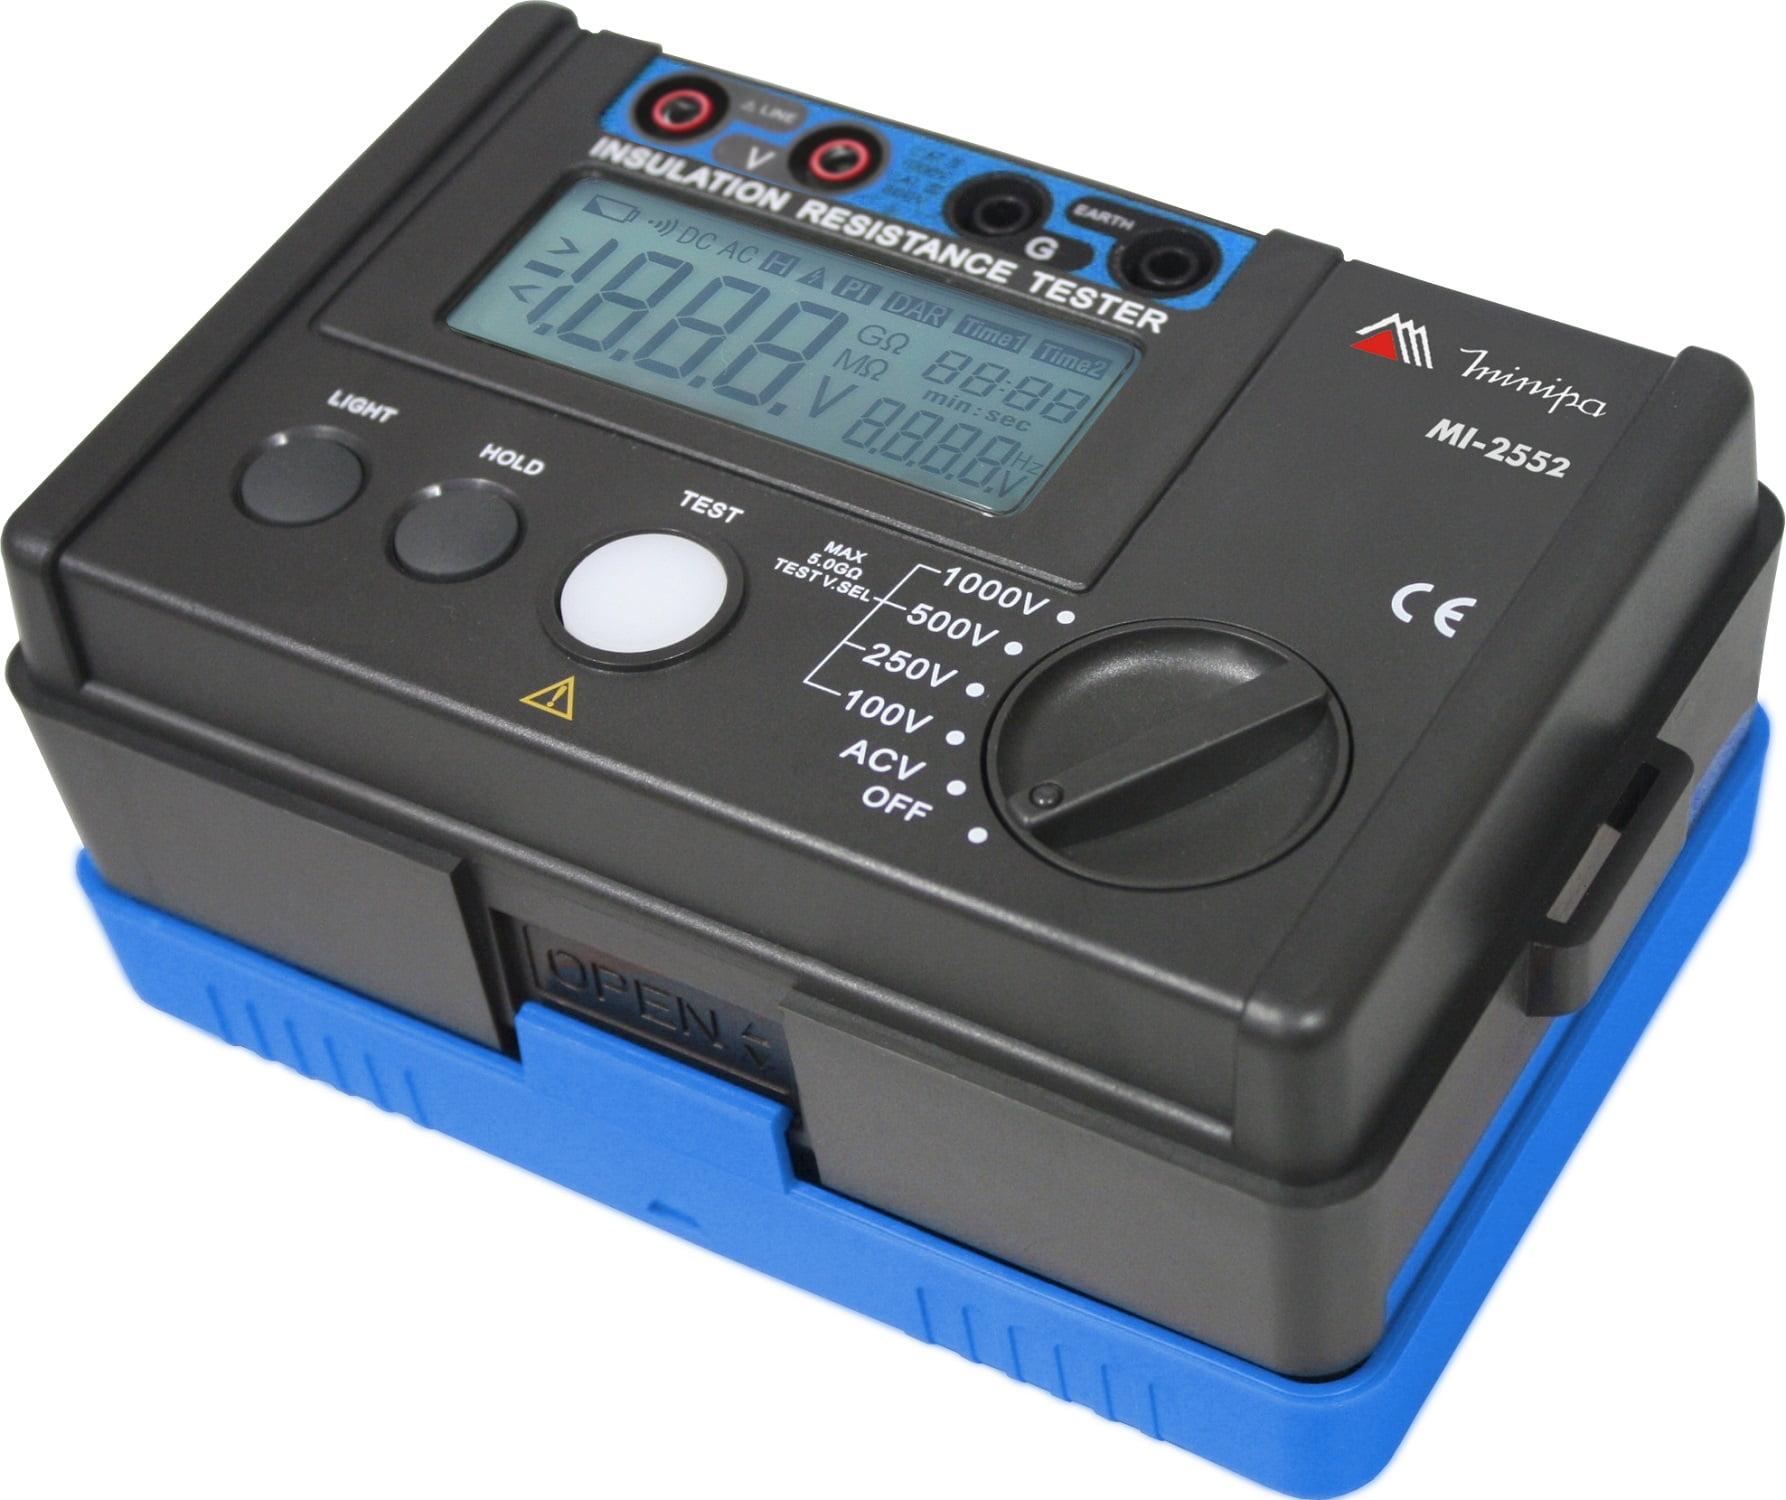 Megômetro com Resistência de Isolação até 5,5Gohm MI-2552 MINIPA